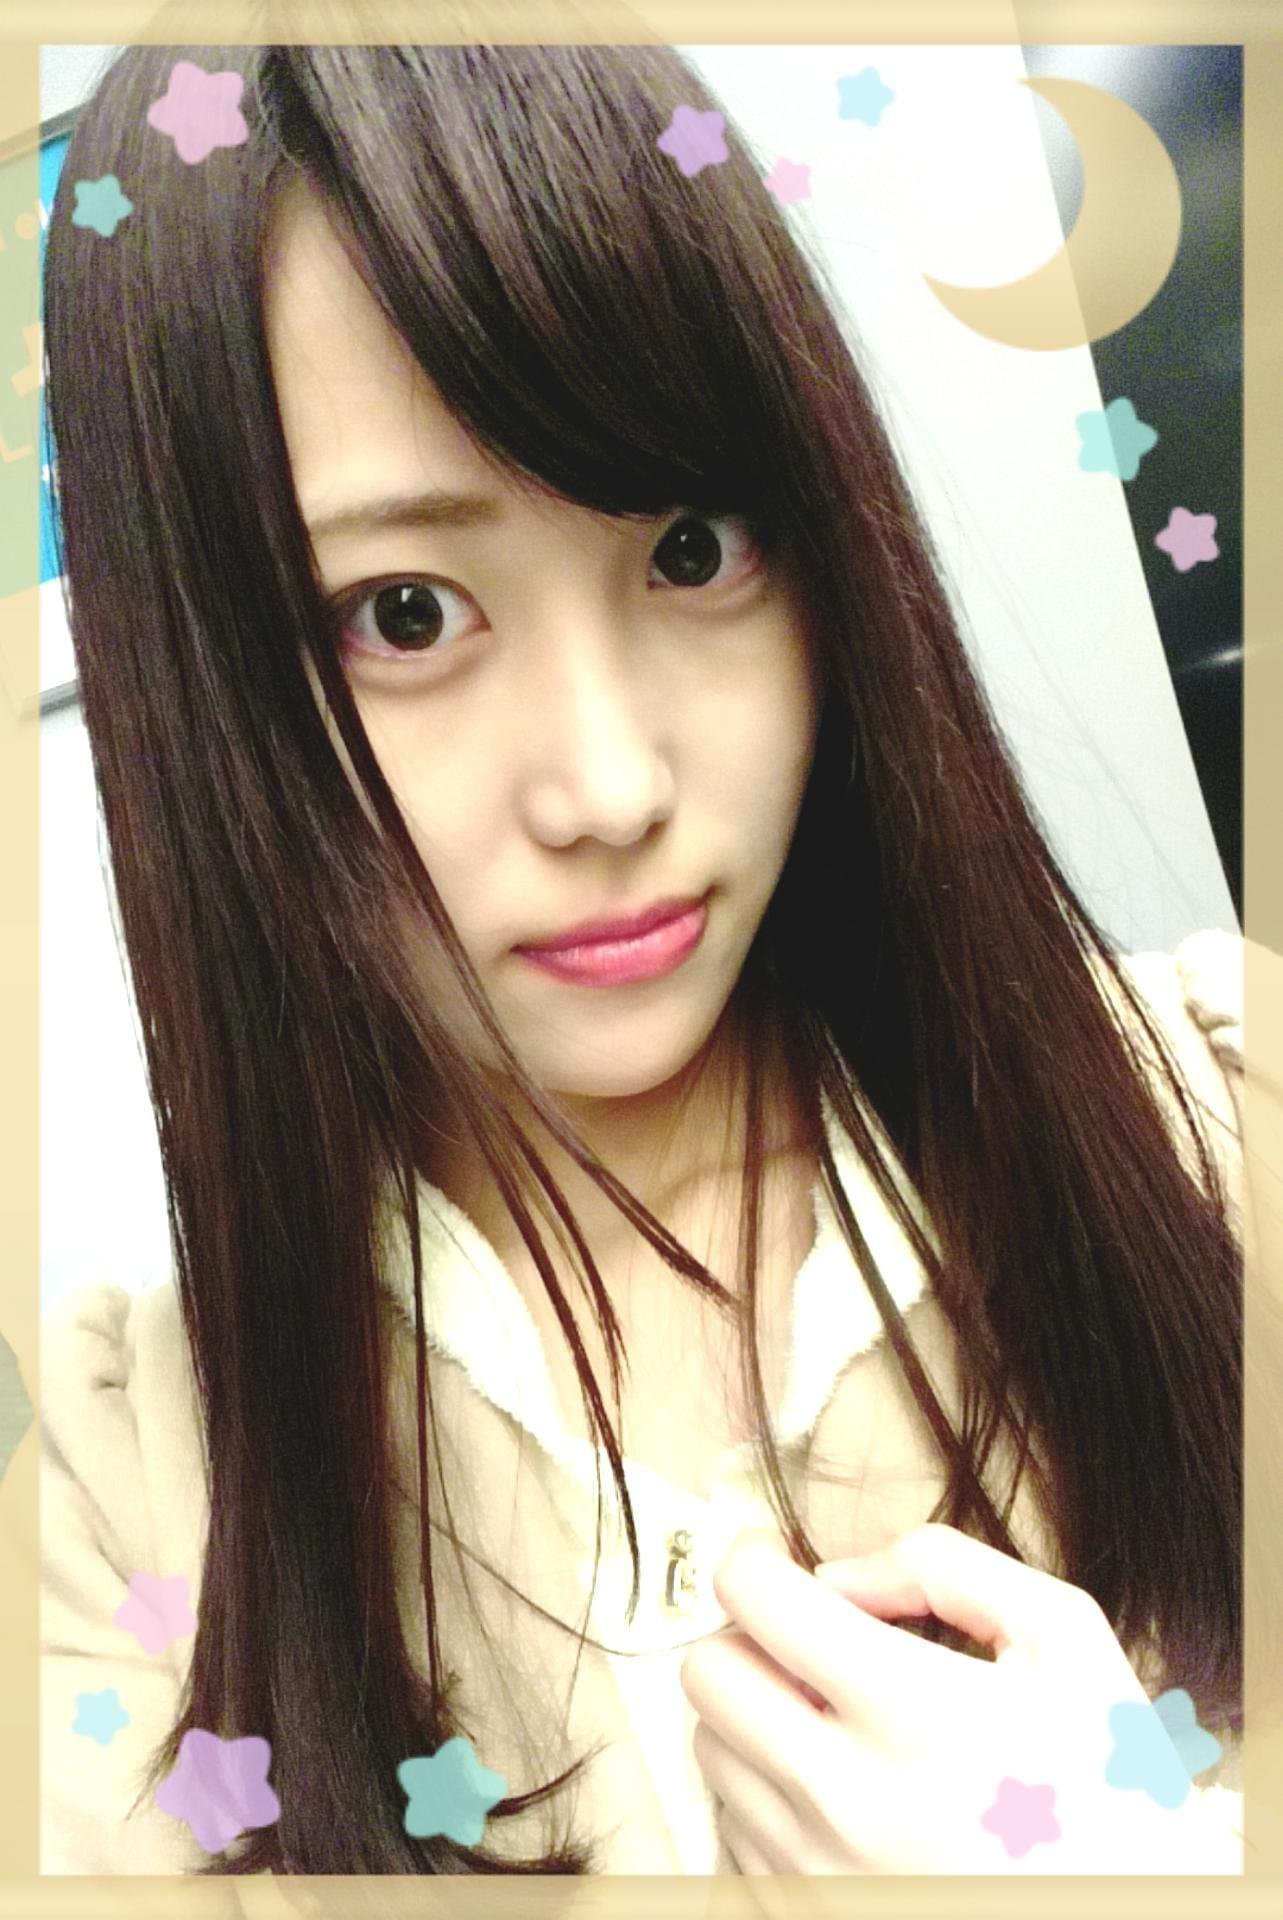 「名古屋の皆様へ?」01/13(日) 20:51 | 梨里花(リリカ)の写メ・風俗動画